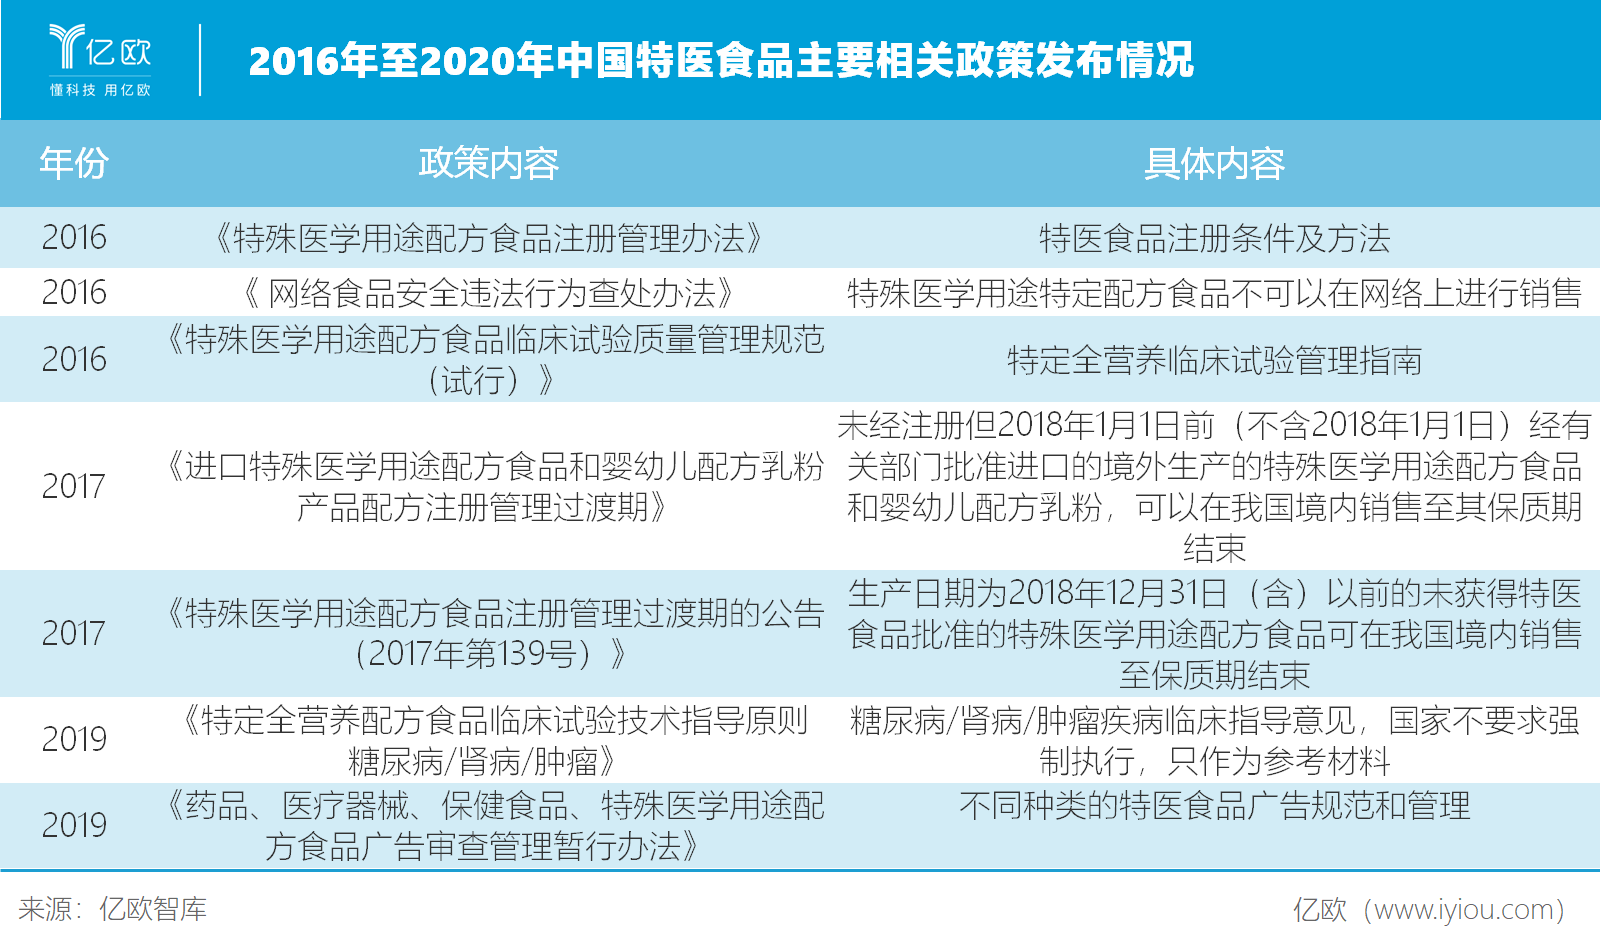 2016年至2020年中国特医食品主要相关政策发布情况.png.png